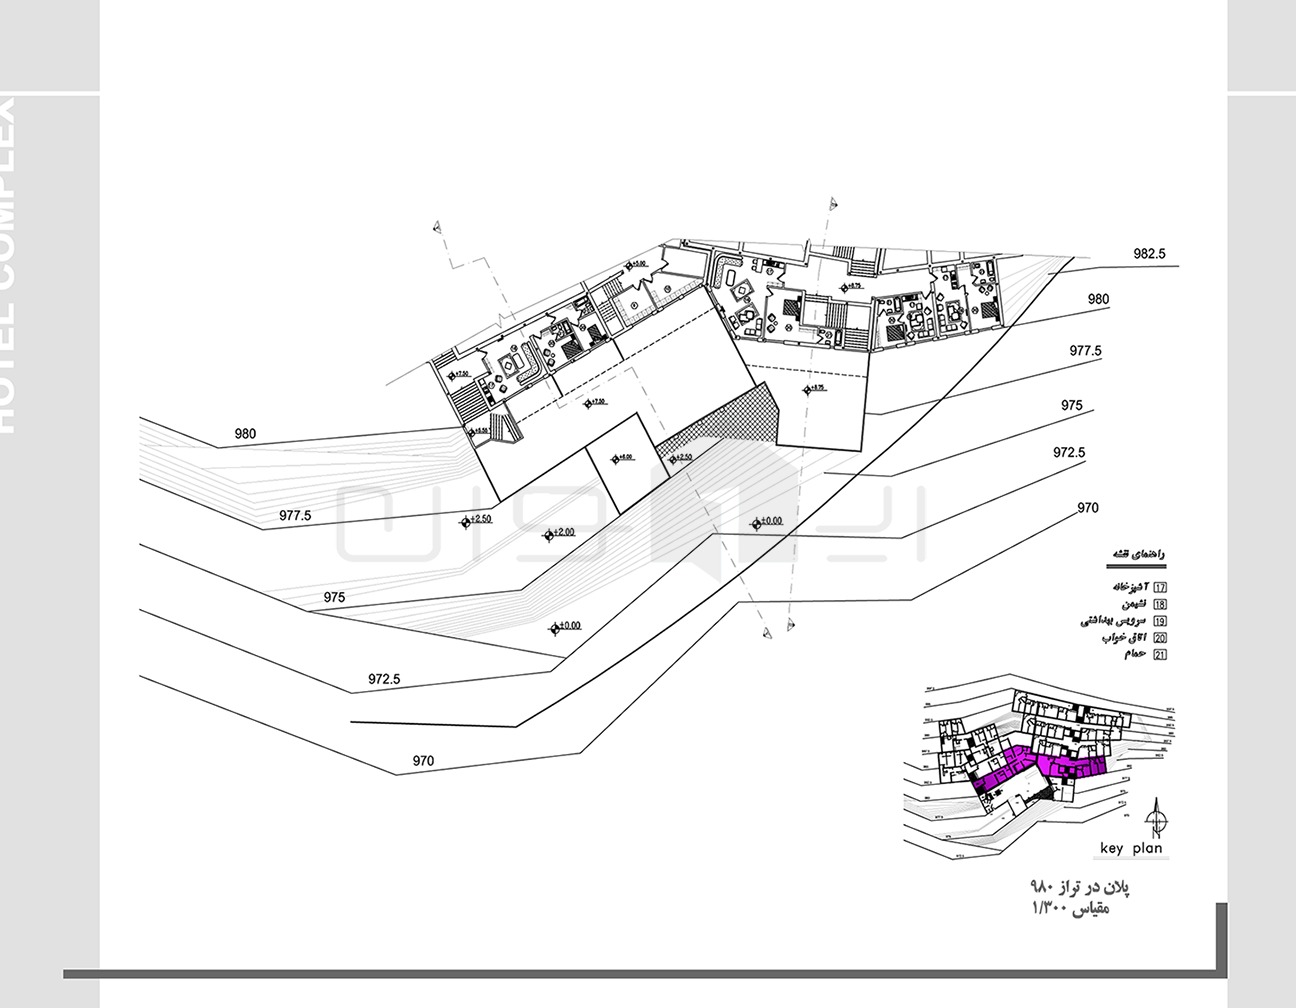 ۲۱ طراحی مجموعه تفریحی-توریستی دریاچه ولشت طراحی مجموعه تفریحی-توریستی دریاچه ولشت 215  t